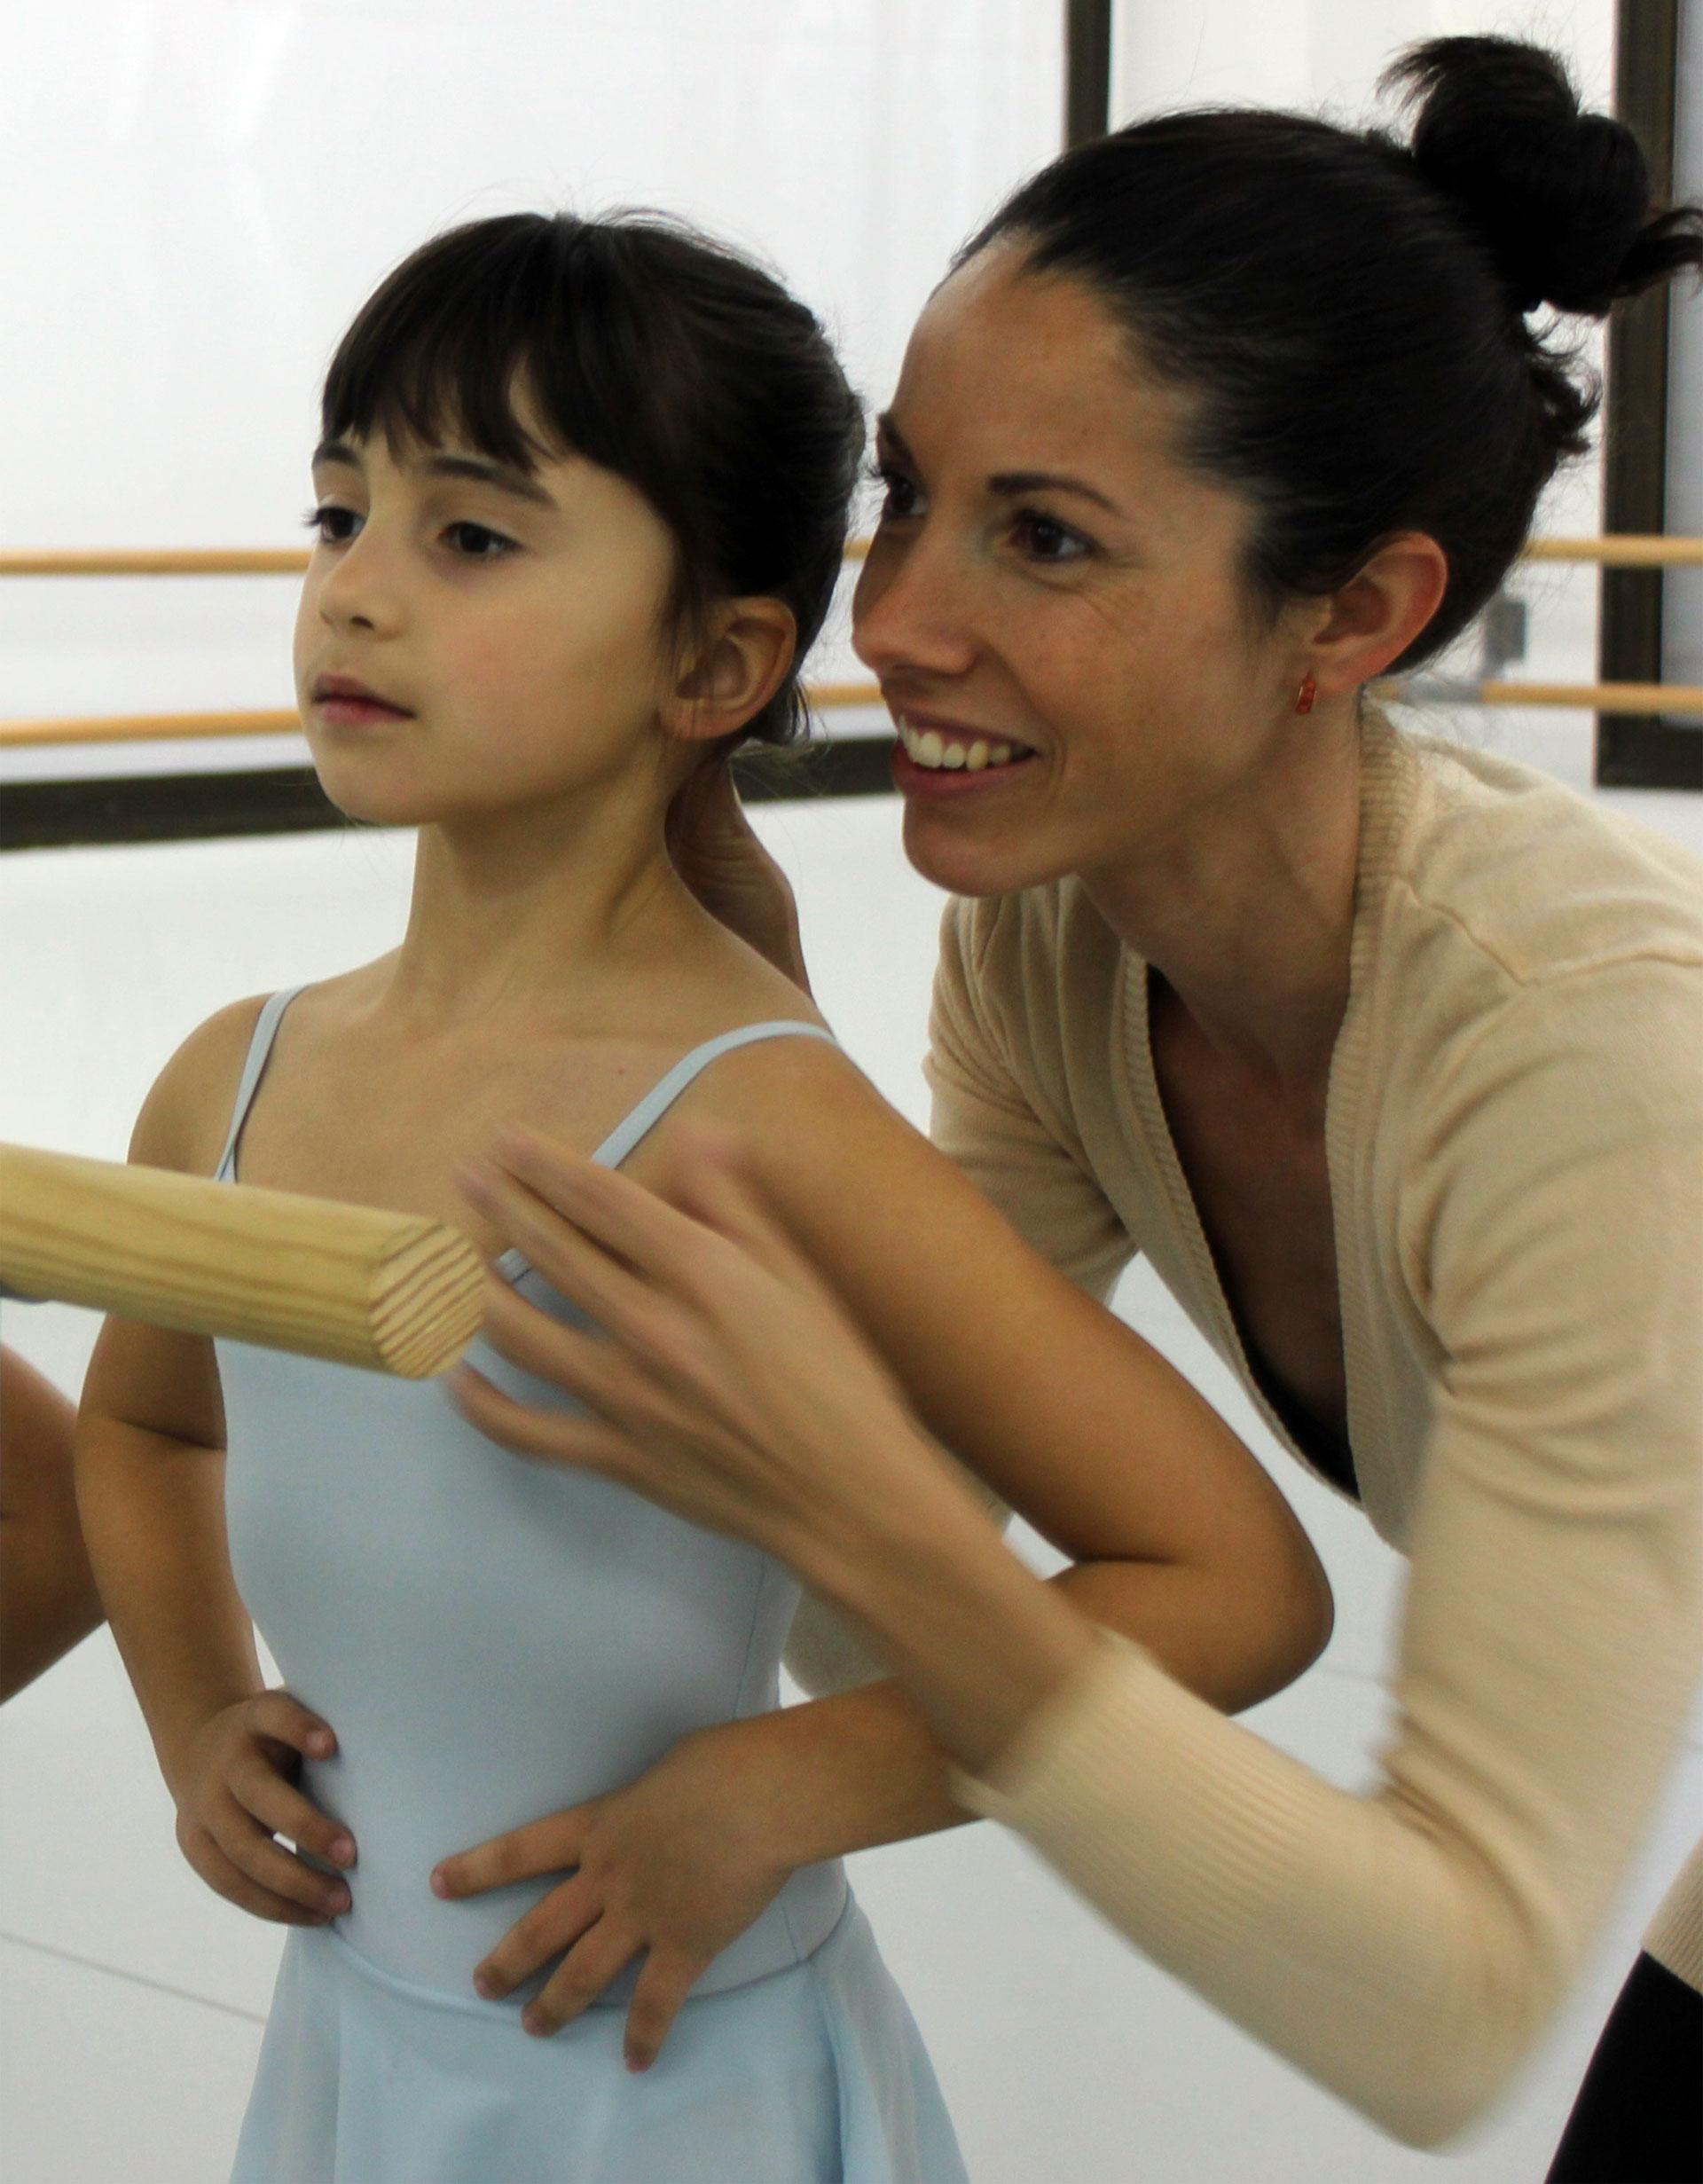 profesora corrigiendo postura de niña de preballet